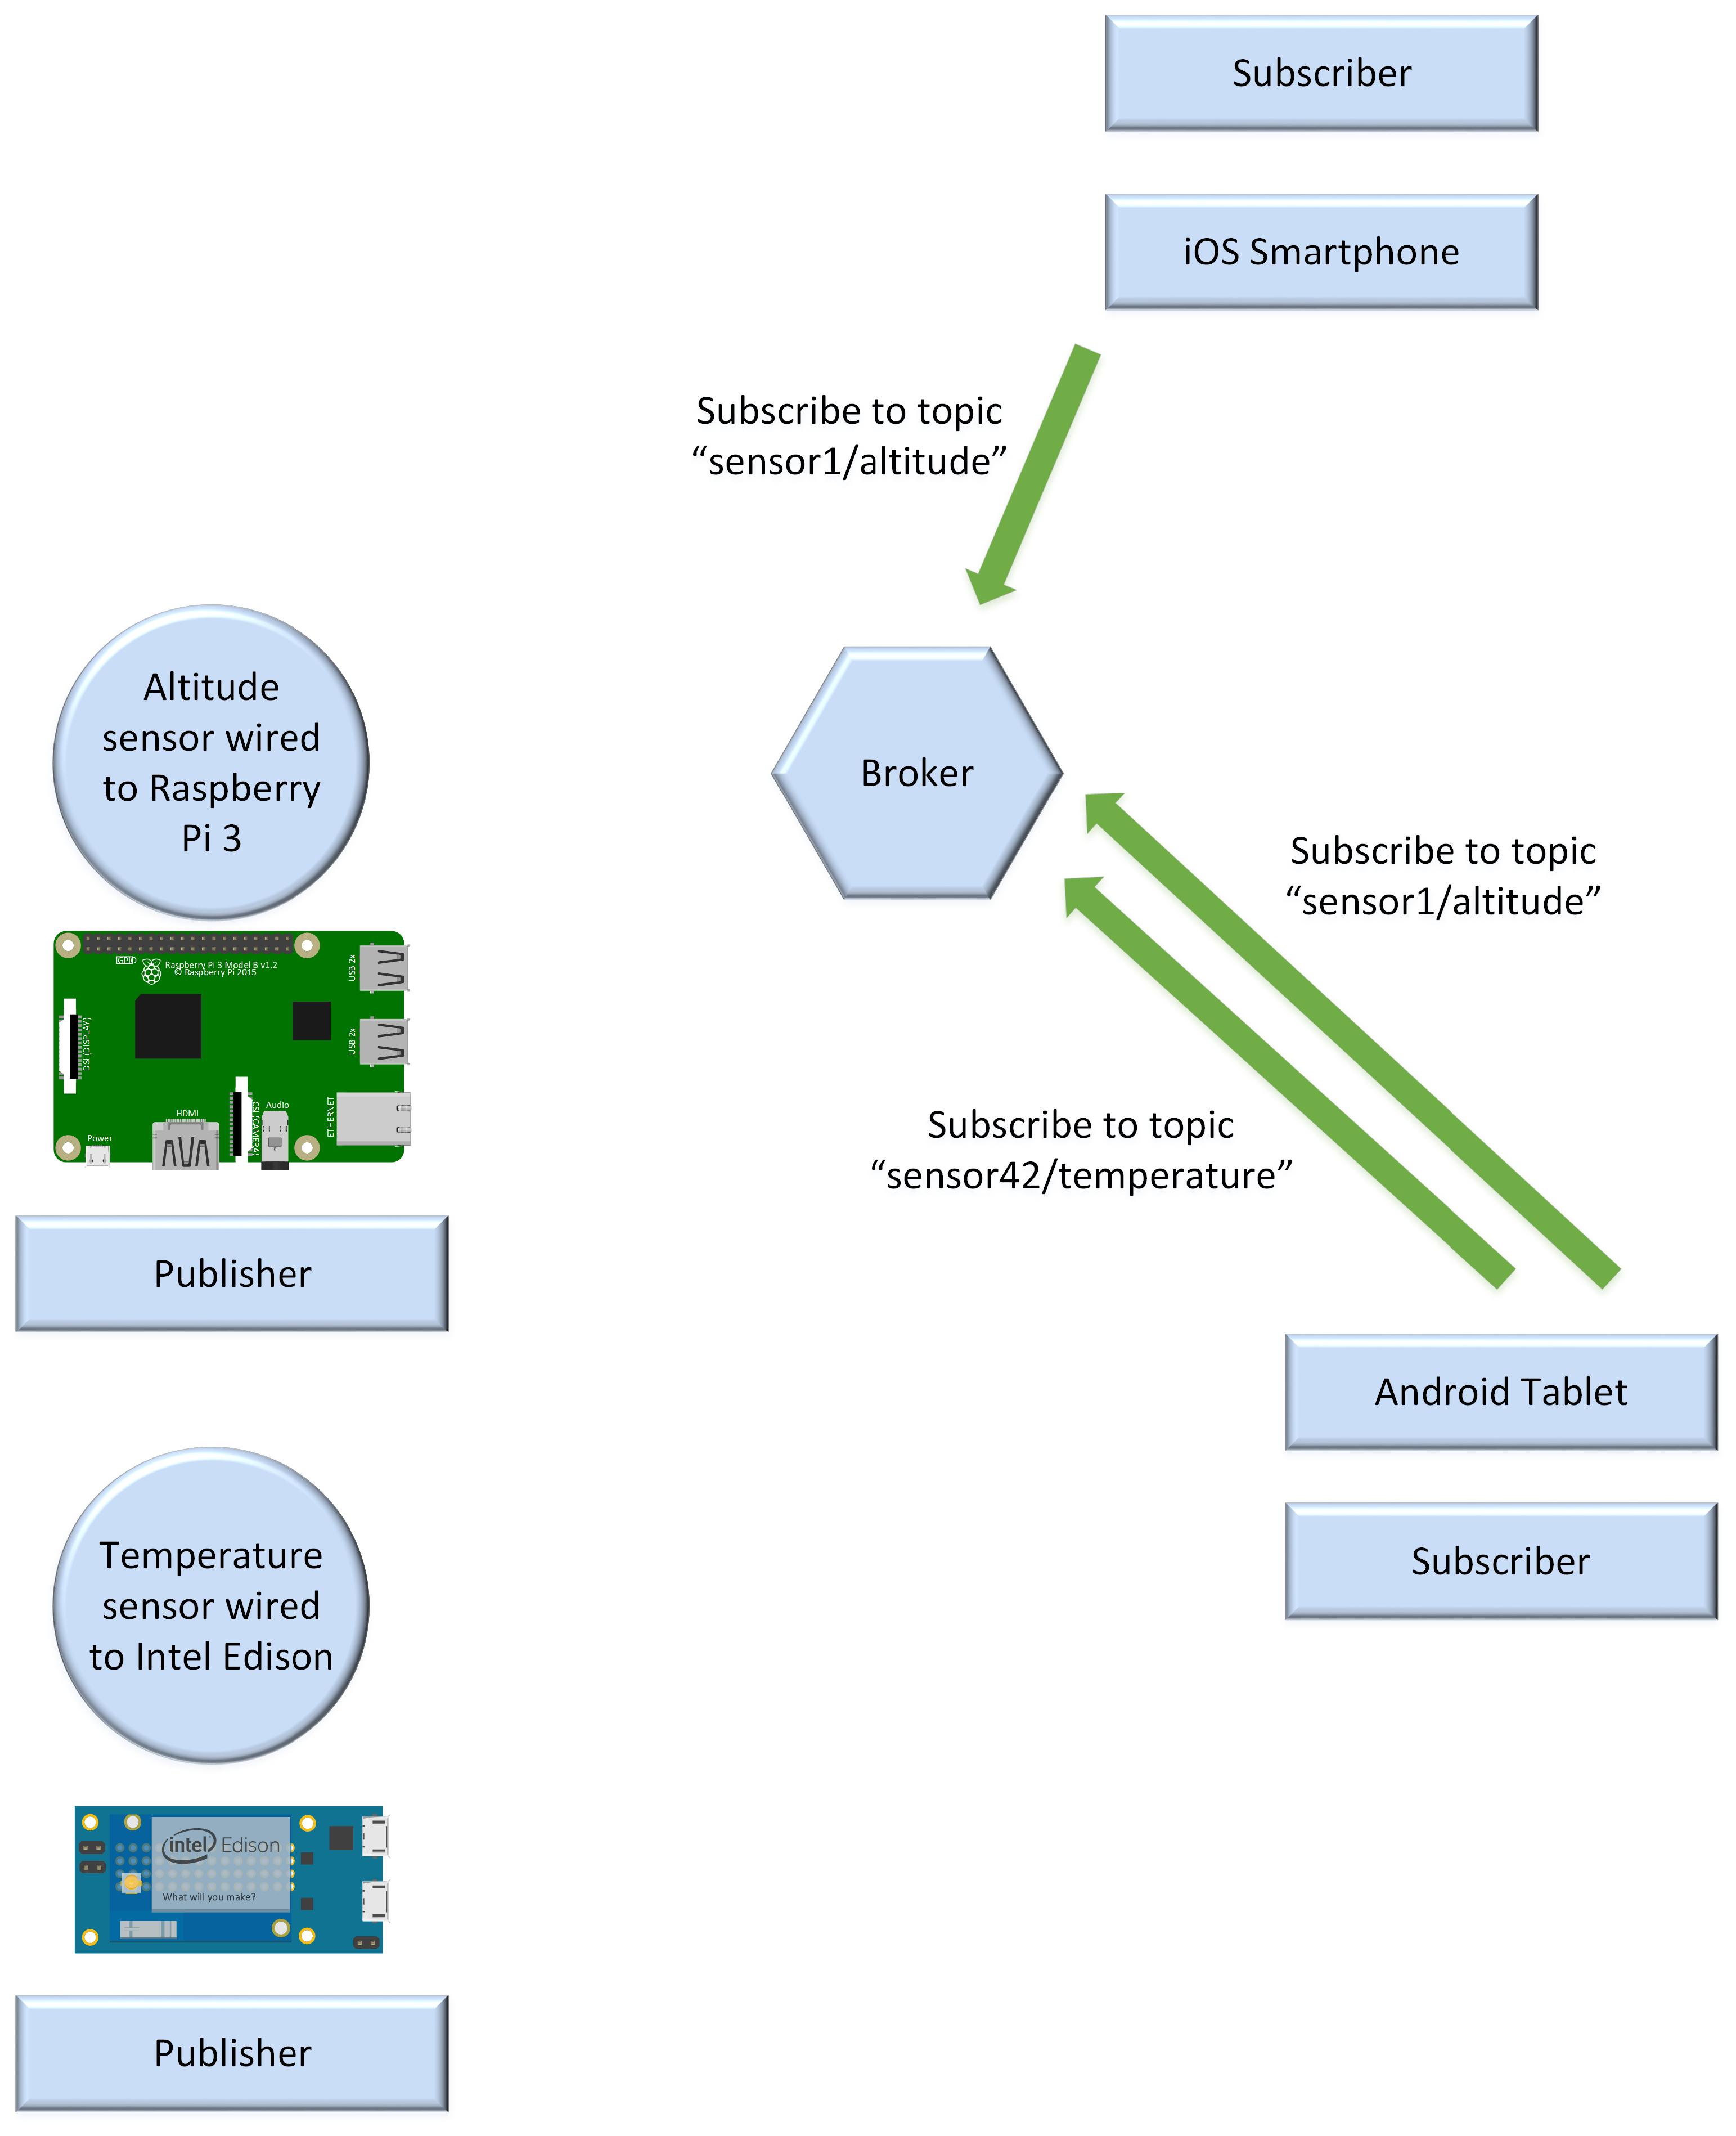 تصویر سناریوهای MQTT و الگوی انتشار و اشتراک1